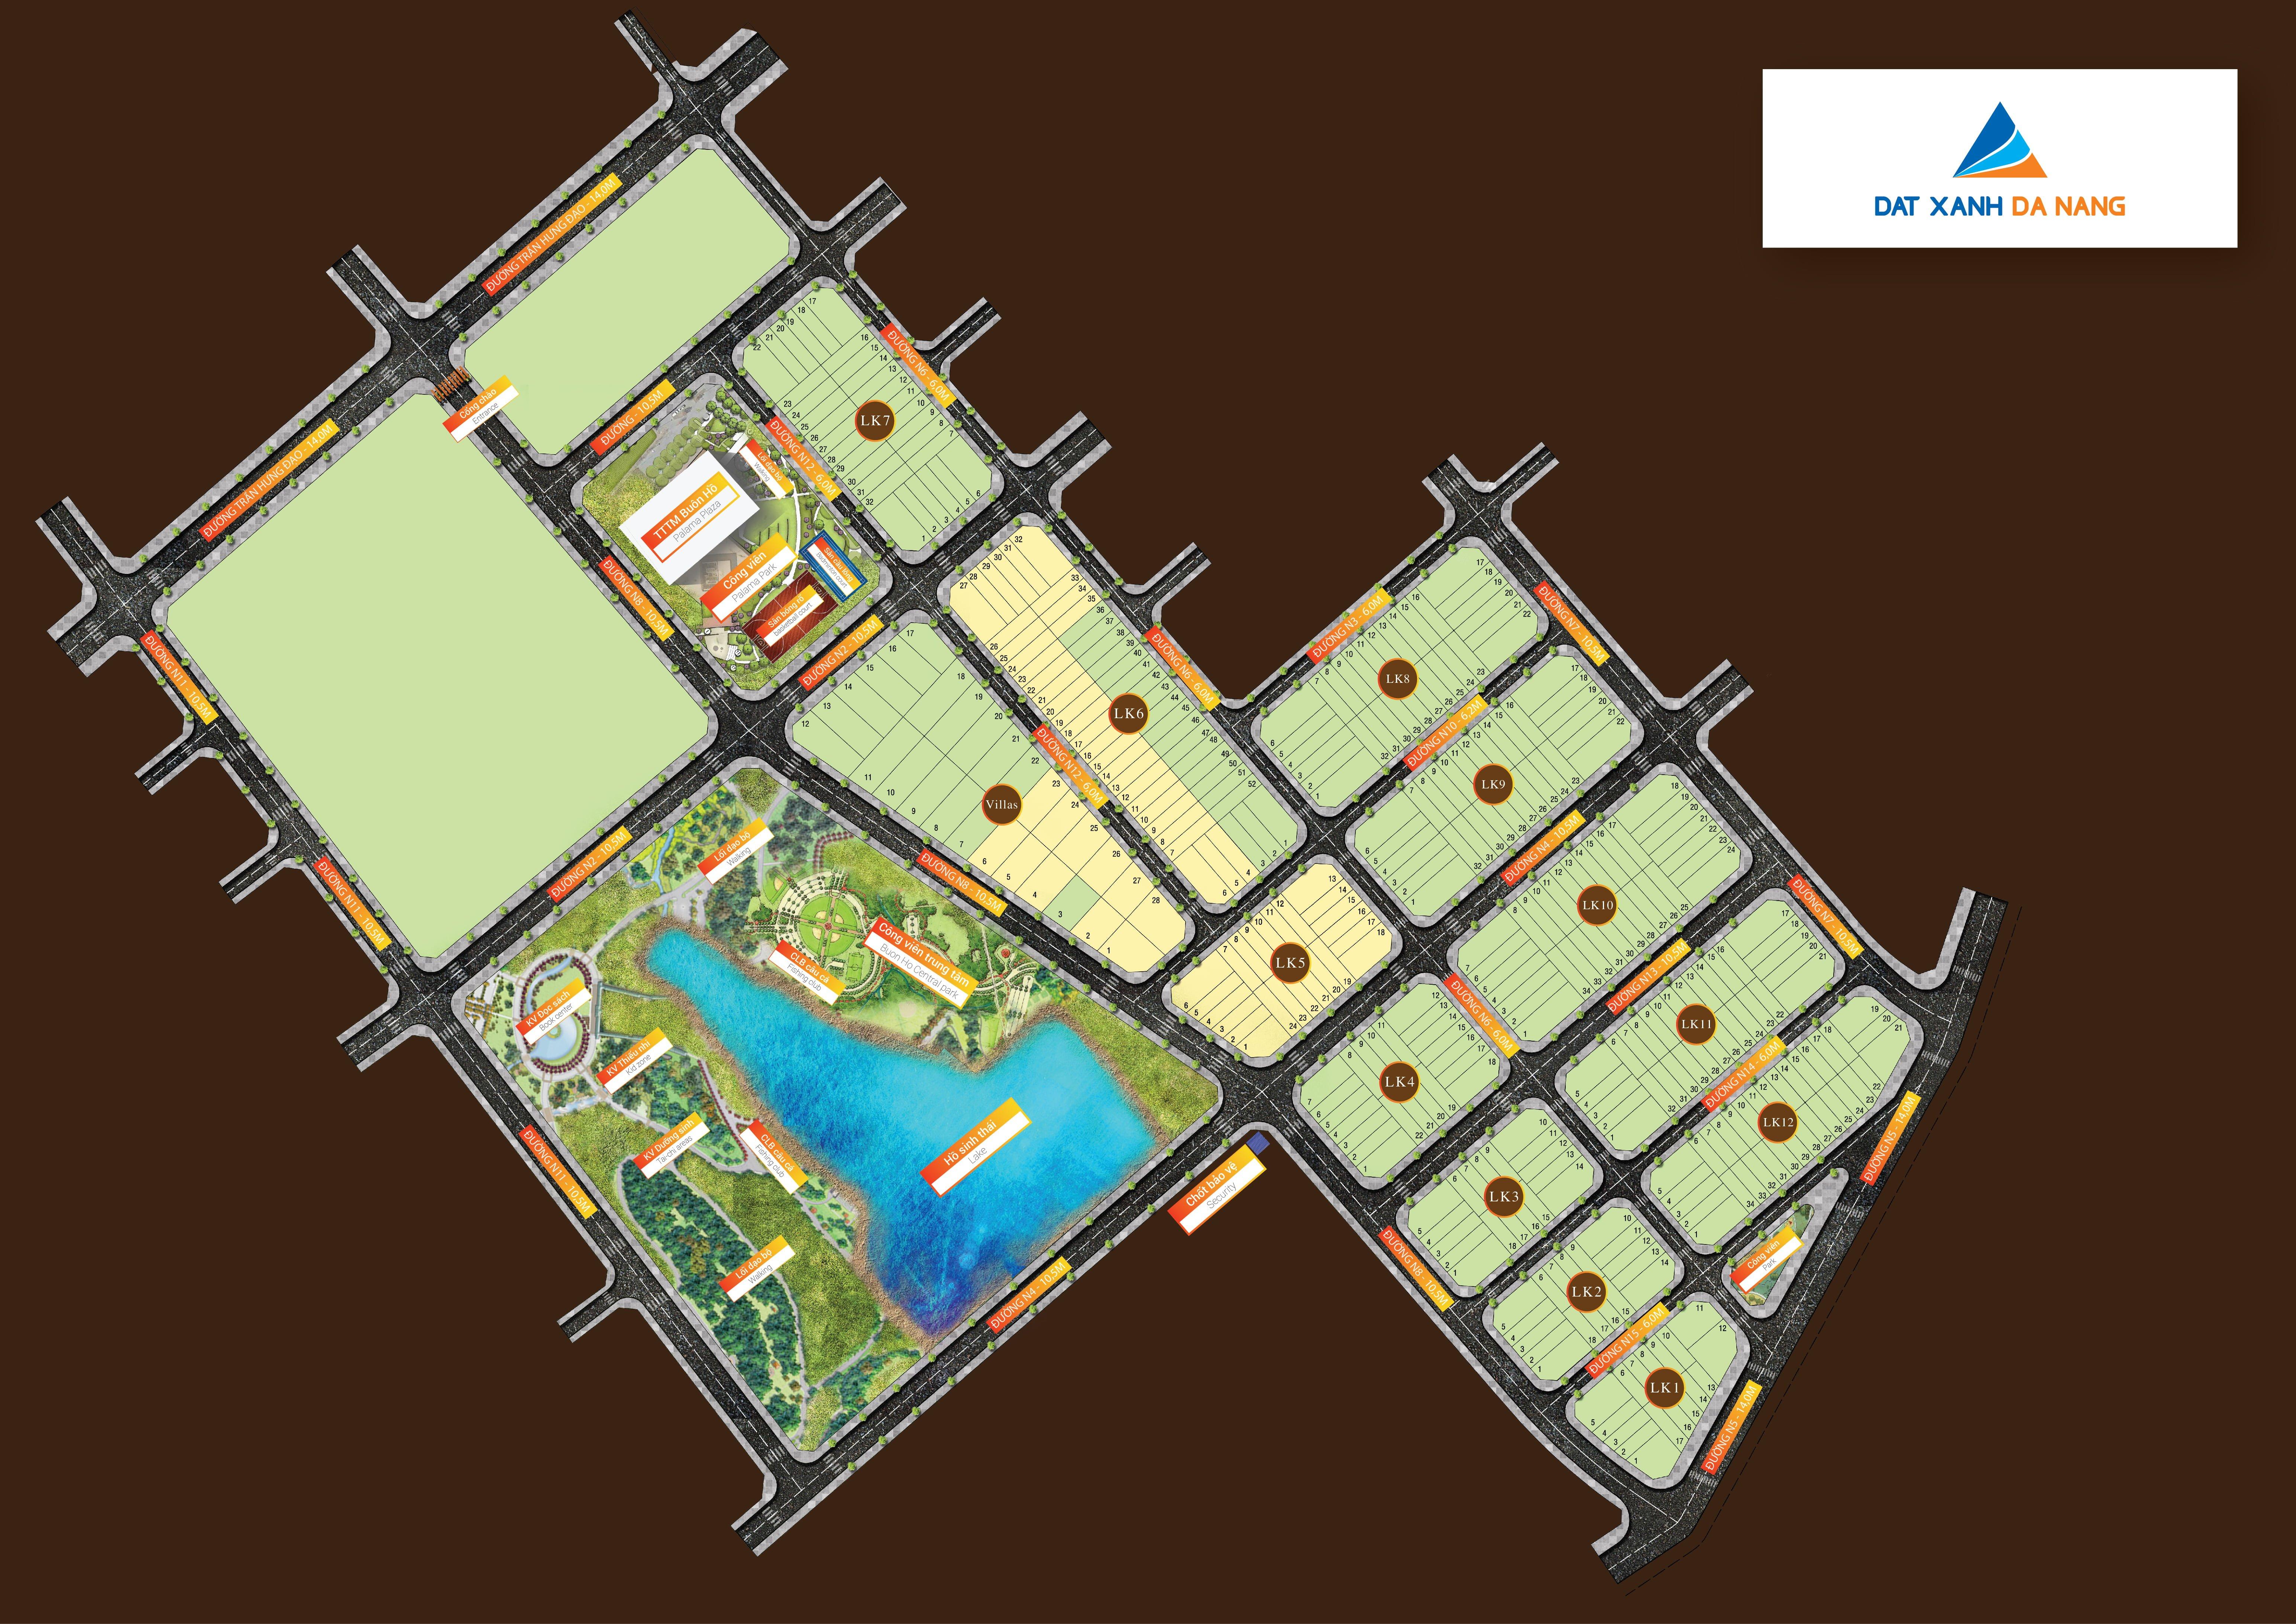 bản đồ phân lô buôn hồ central park